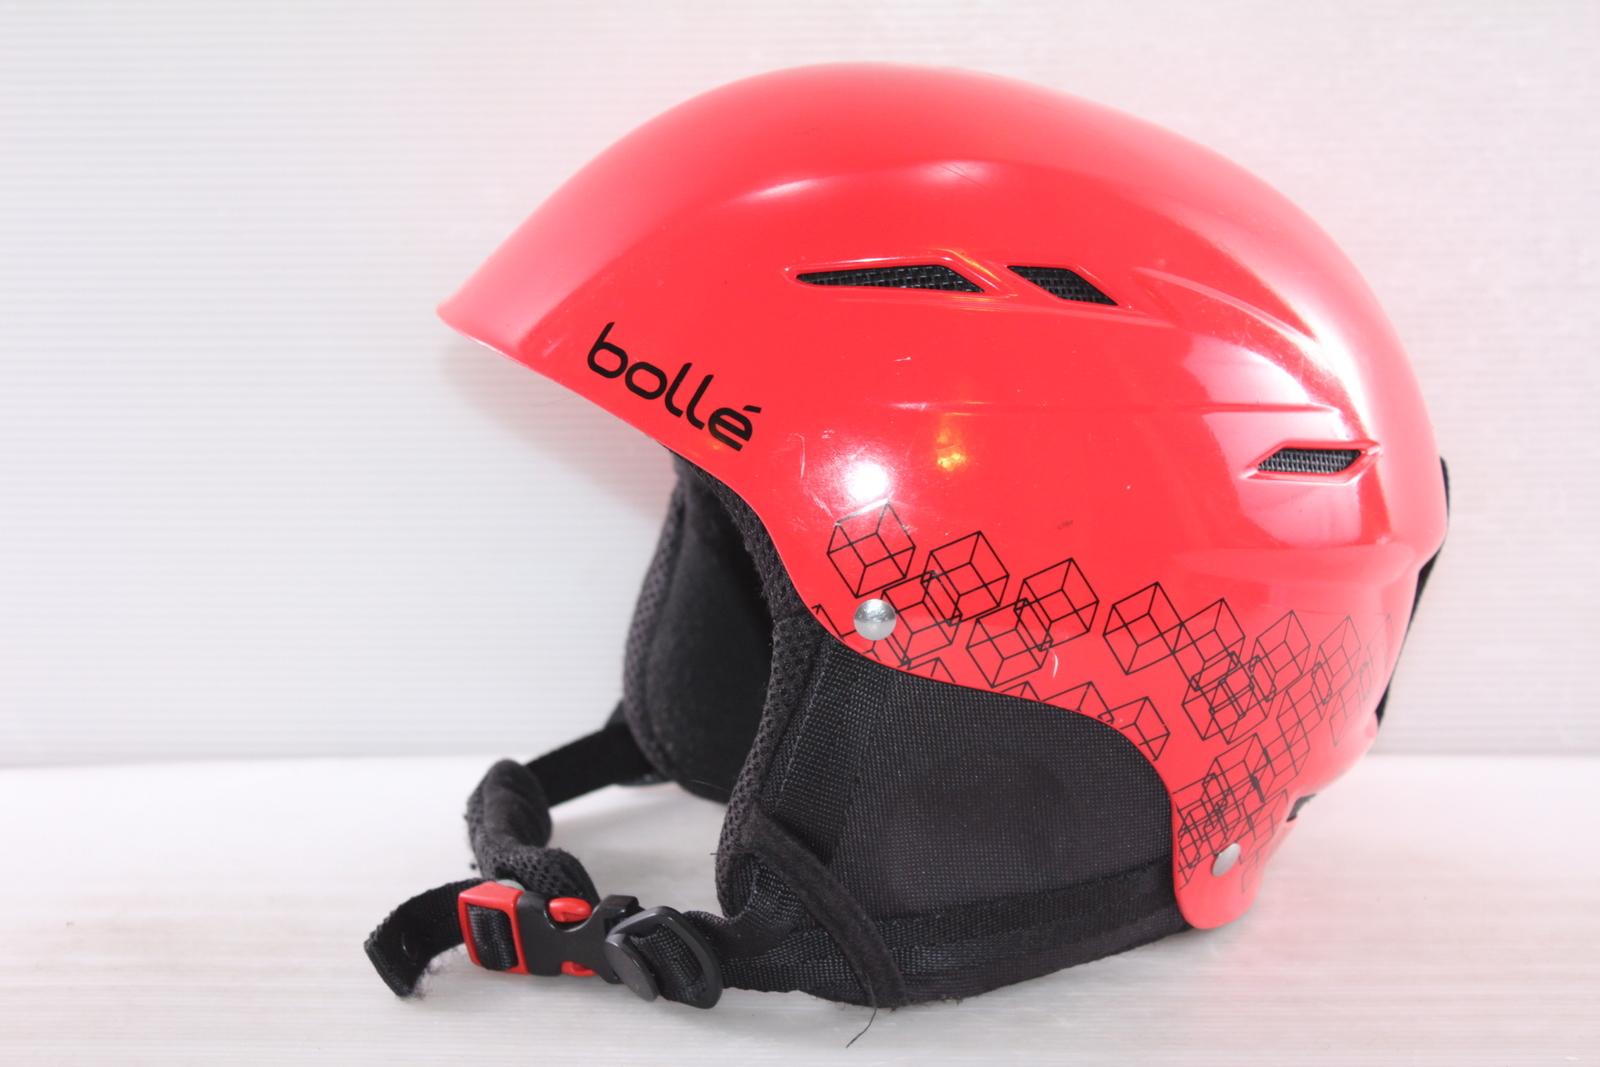 Dětská lyžařská helma Bolle Bolle - posuvná vel. 49 - 52